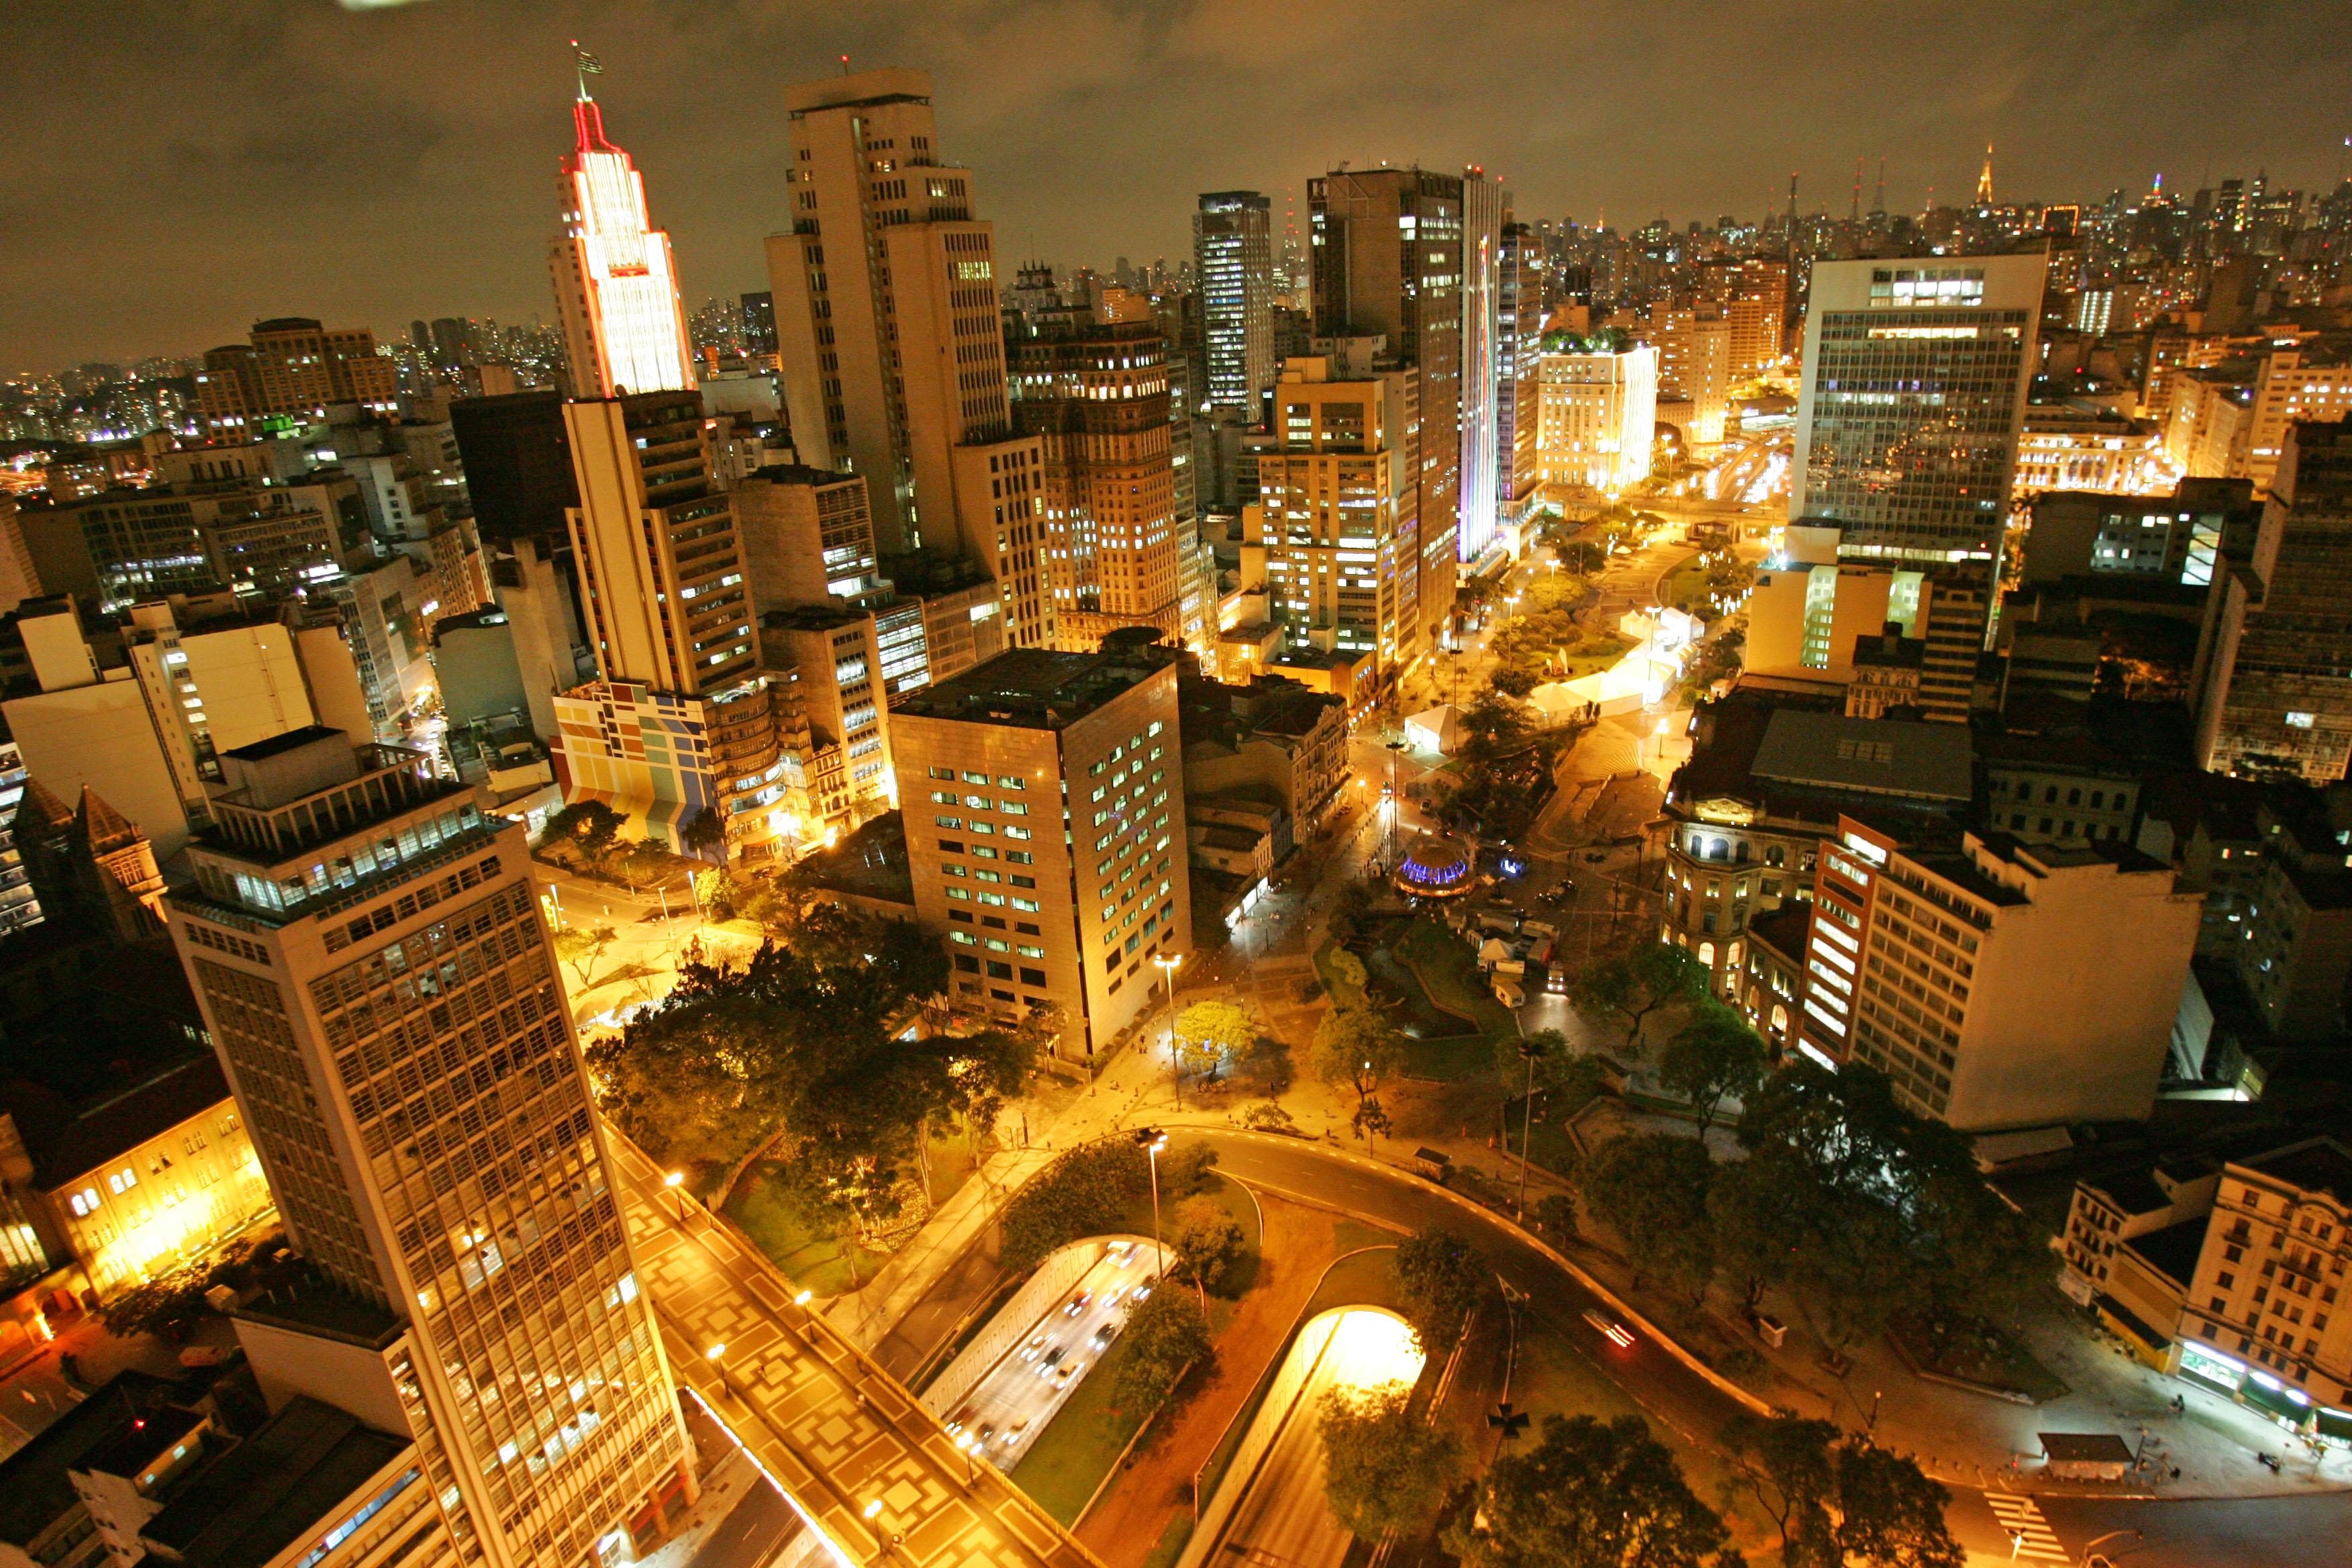 Centro da cidade de São Paulo